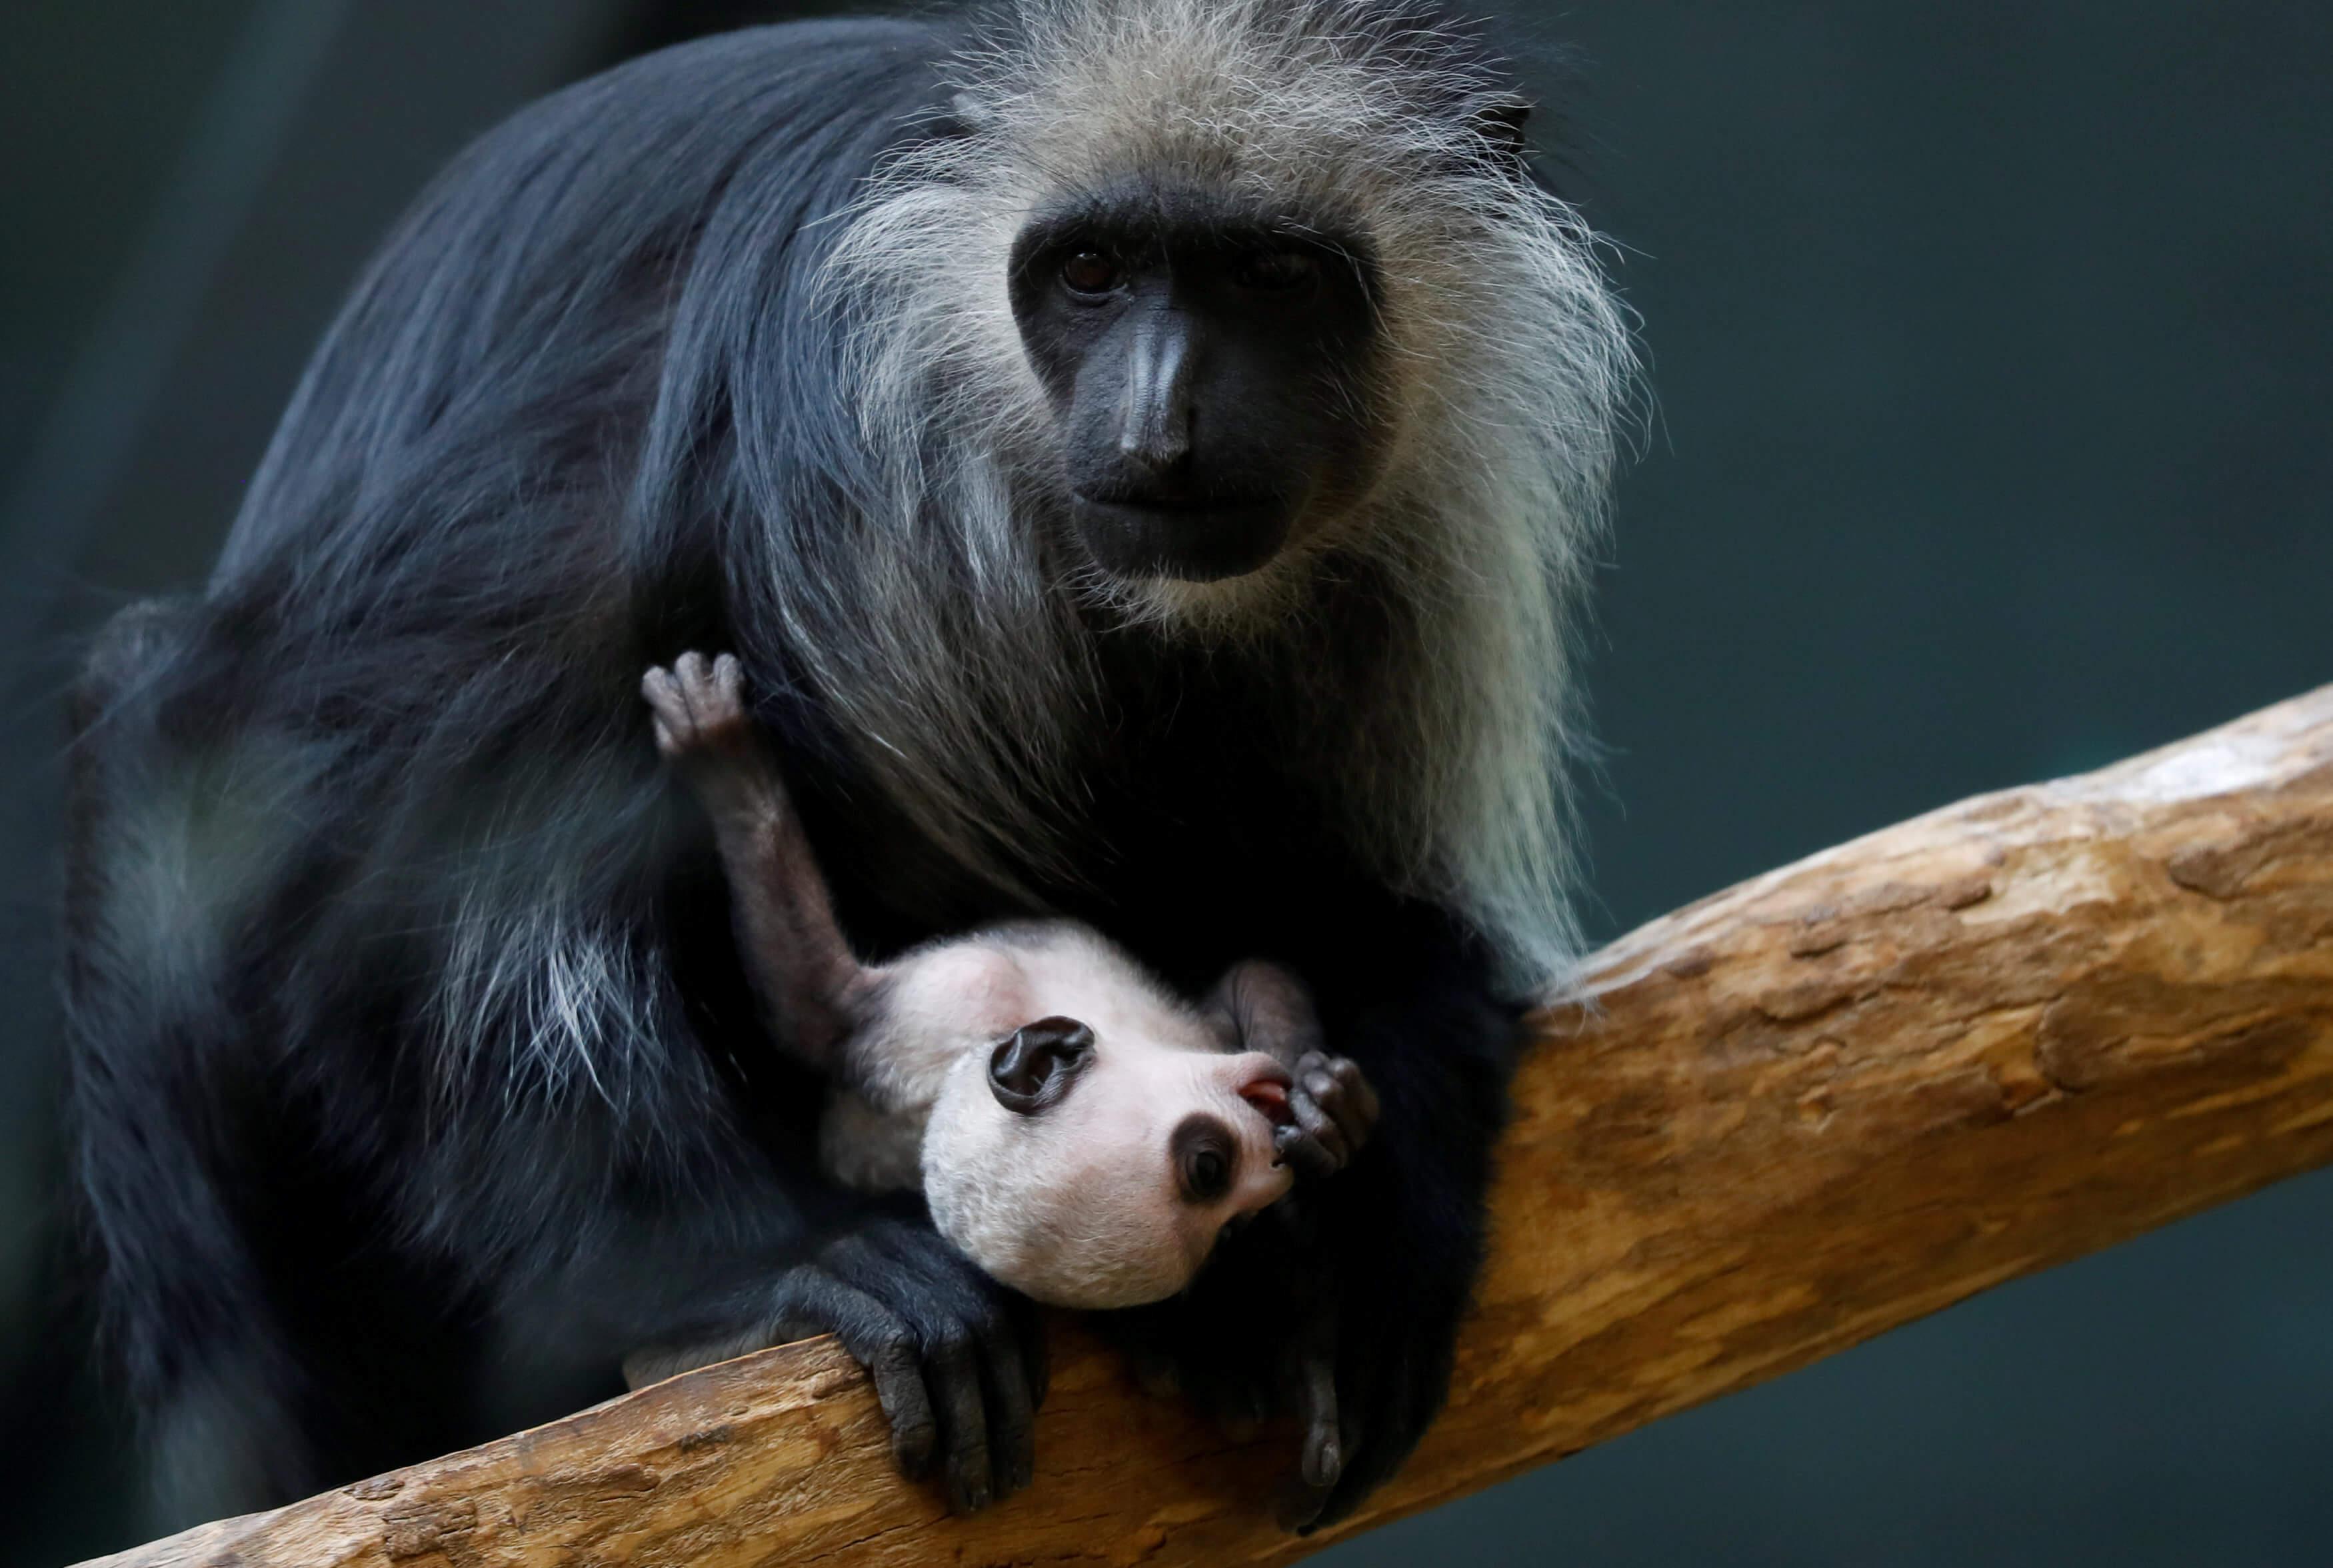 Η μητρική αγκαλιά… σε μια εικόνα! | Newsit.gr